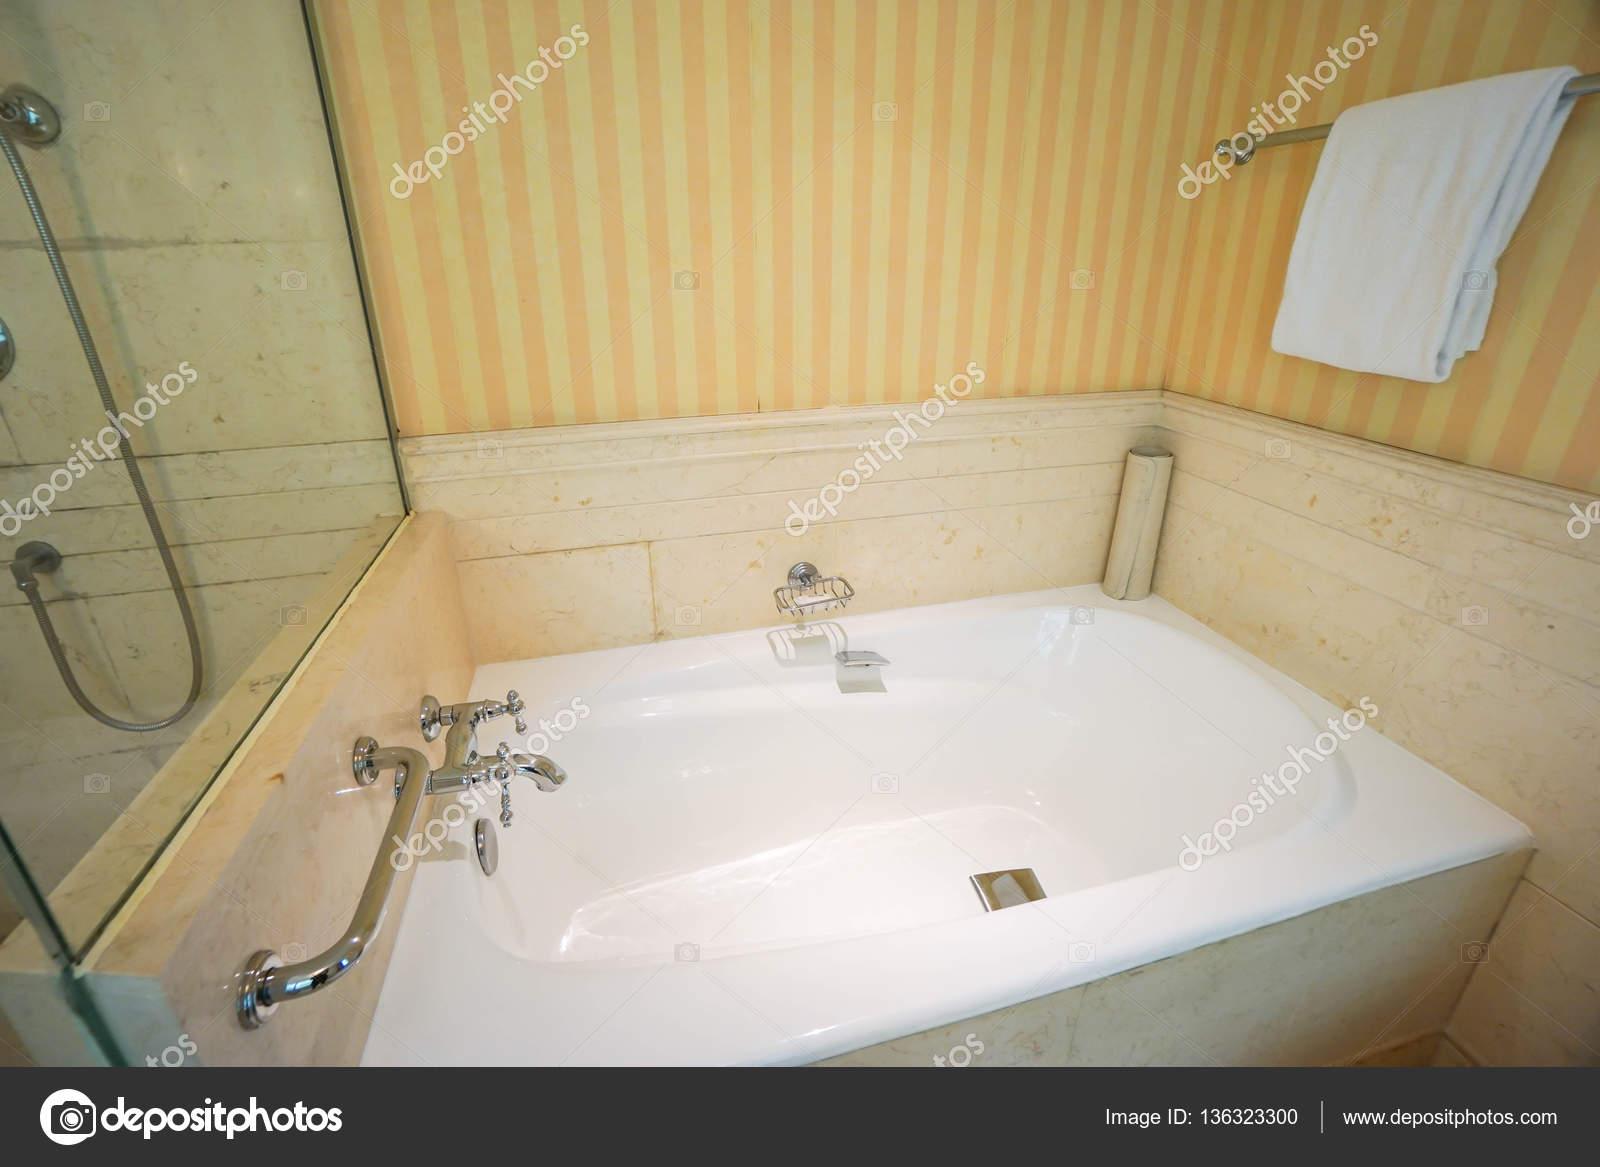 Luxe Badkamer Interieur : Luxe badkamer interieur in het hotel u2014 stockfoto © jummie #136323300